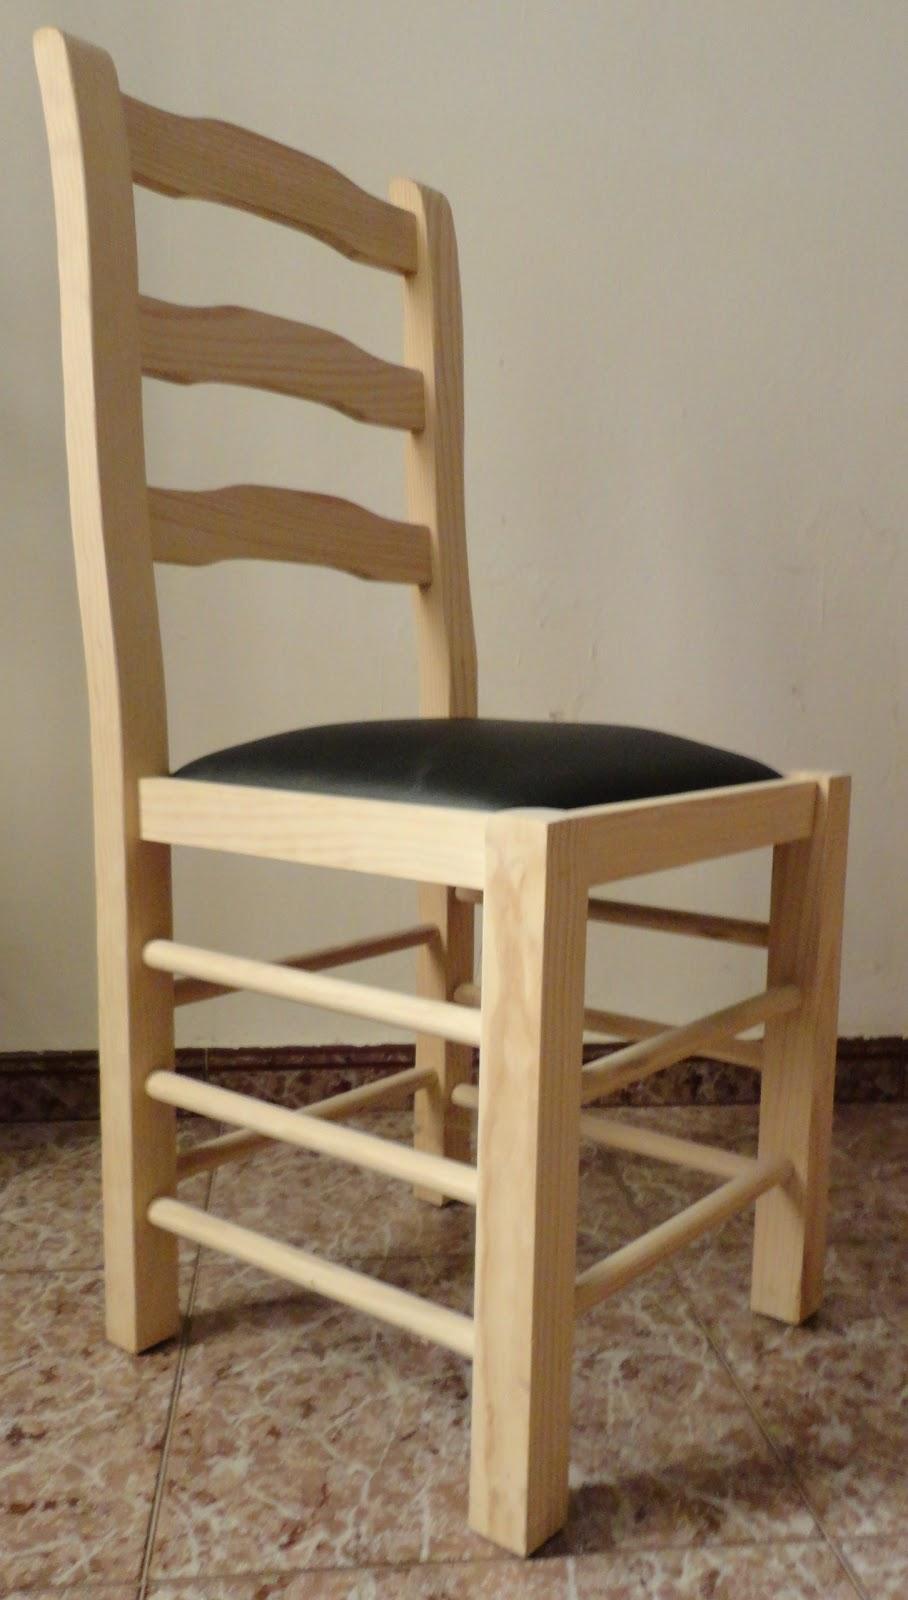 Fabrica de sillas de madera pauli sillas y mesas de for Fabrica sillas madera